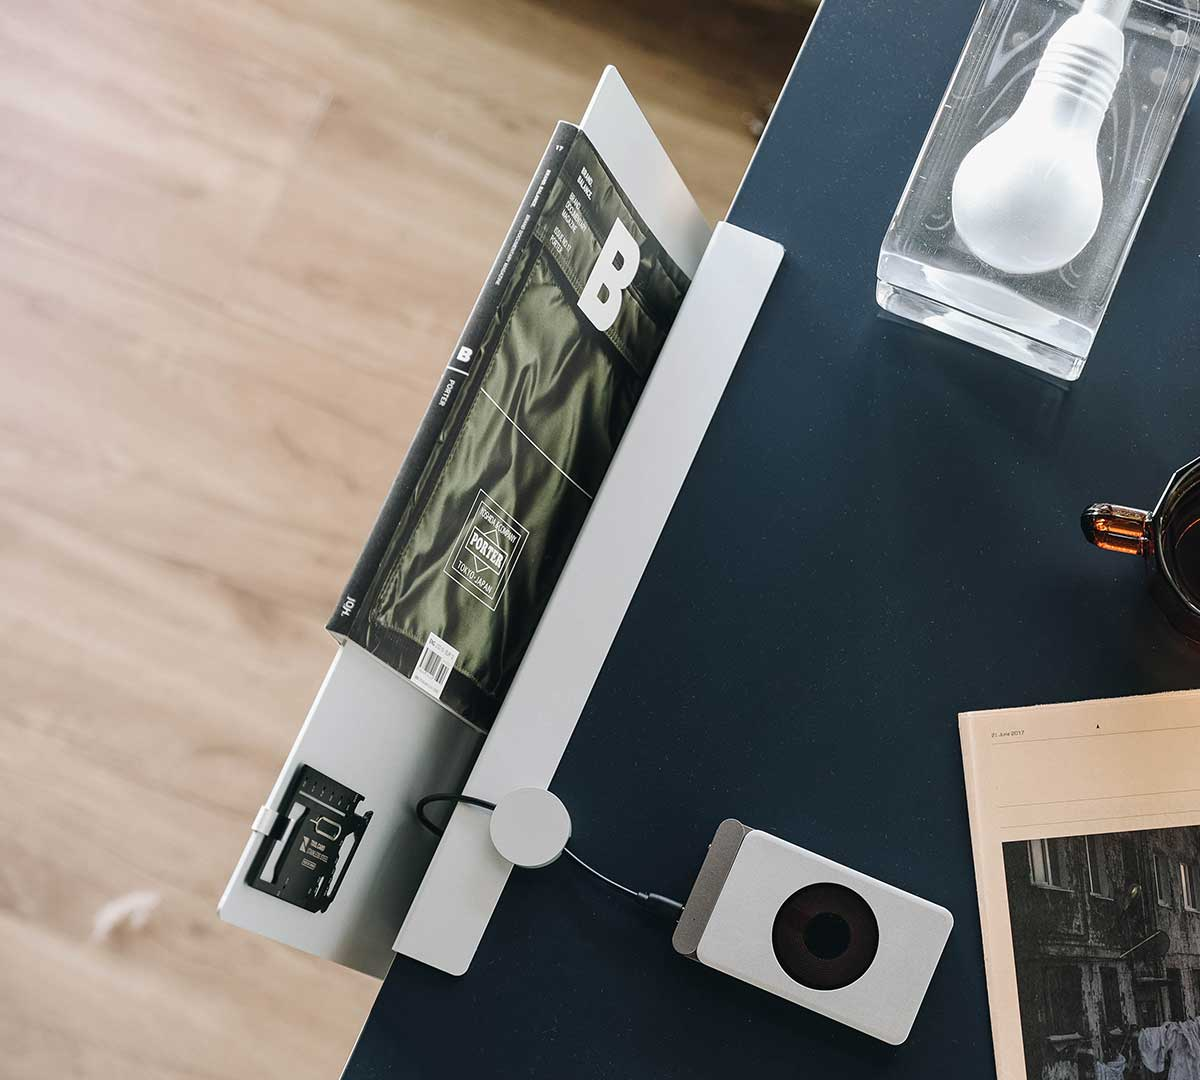 貼りつけるだけで耐荷重5kgの頑丈さ。デスクの書類を瞬時に片づけ、途中のタスクをすぐ再開できる「貼るデスクラック」|ZENLET The Rack(ゼンレット ザ ラック)